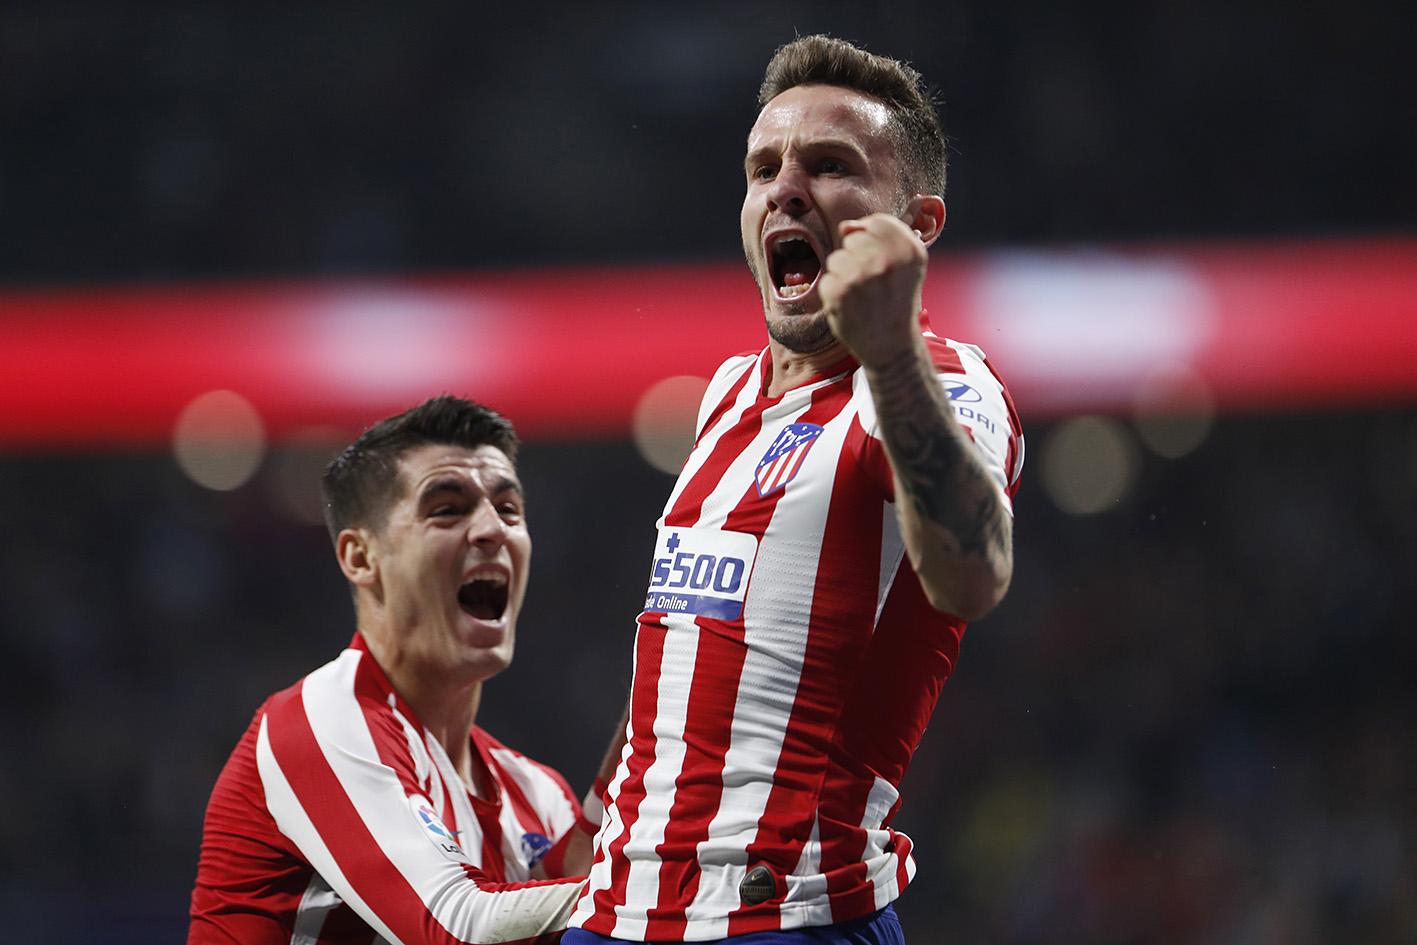 تشكيلة أتليتكو مدريد الموسم المقبل,تشكيلة أتليتكو مدريد المحتملة لموسم 2018 - 2019,أتلتيكو مدريد,اتلتيكو مدريد,ريال مدريد,تشكيلة ريال مدريد 2019,تشكيلة المتوقعة لريال مدريد 2020,تشكيلة ريال مدريد في فيفا 20,ليفربول واتلتيكو مدريد,تشكيلة ريال مدريد زيدان 2019,أتلتيكو مدريد × ريال مدريد .. التشكيلة المتوقعه واخر المستجدات,أتليتكو مدريد,تشكيلة ريال مدريد الجديدة 2019,تشكيلة ريال مدريد مع زيدان 2020,ملخص ليفربول واتلتيكو مدريد,اهداف ليفربول واتلتيكو مدريد,مباراة ليفربول واتلتيكو مدريد